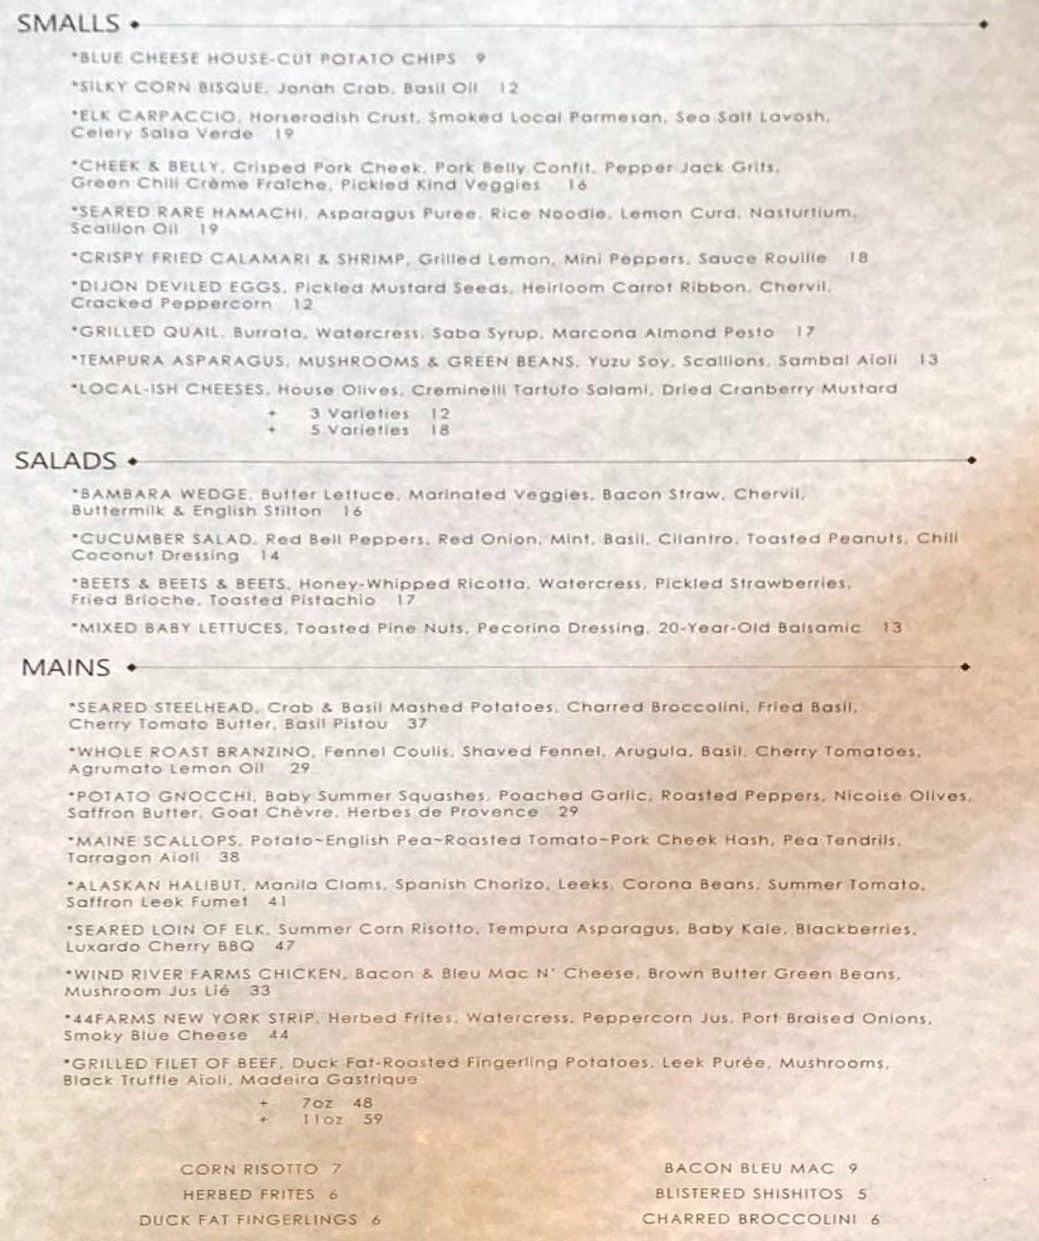 Bambara menu - appetizers, salads, entrees